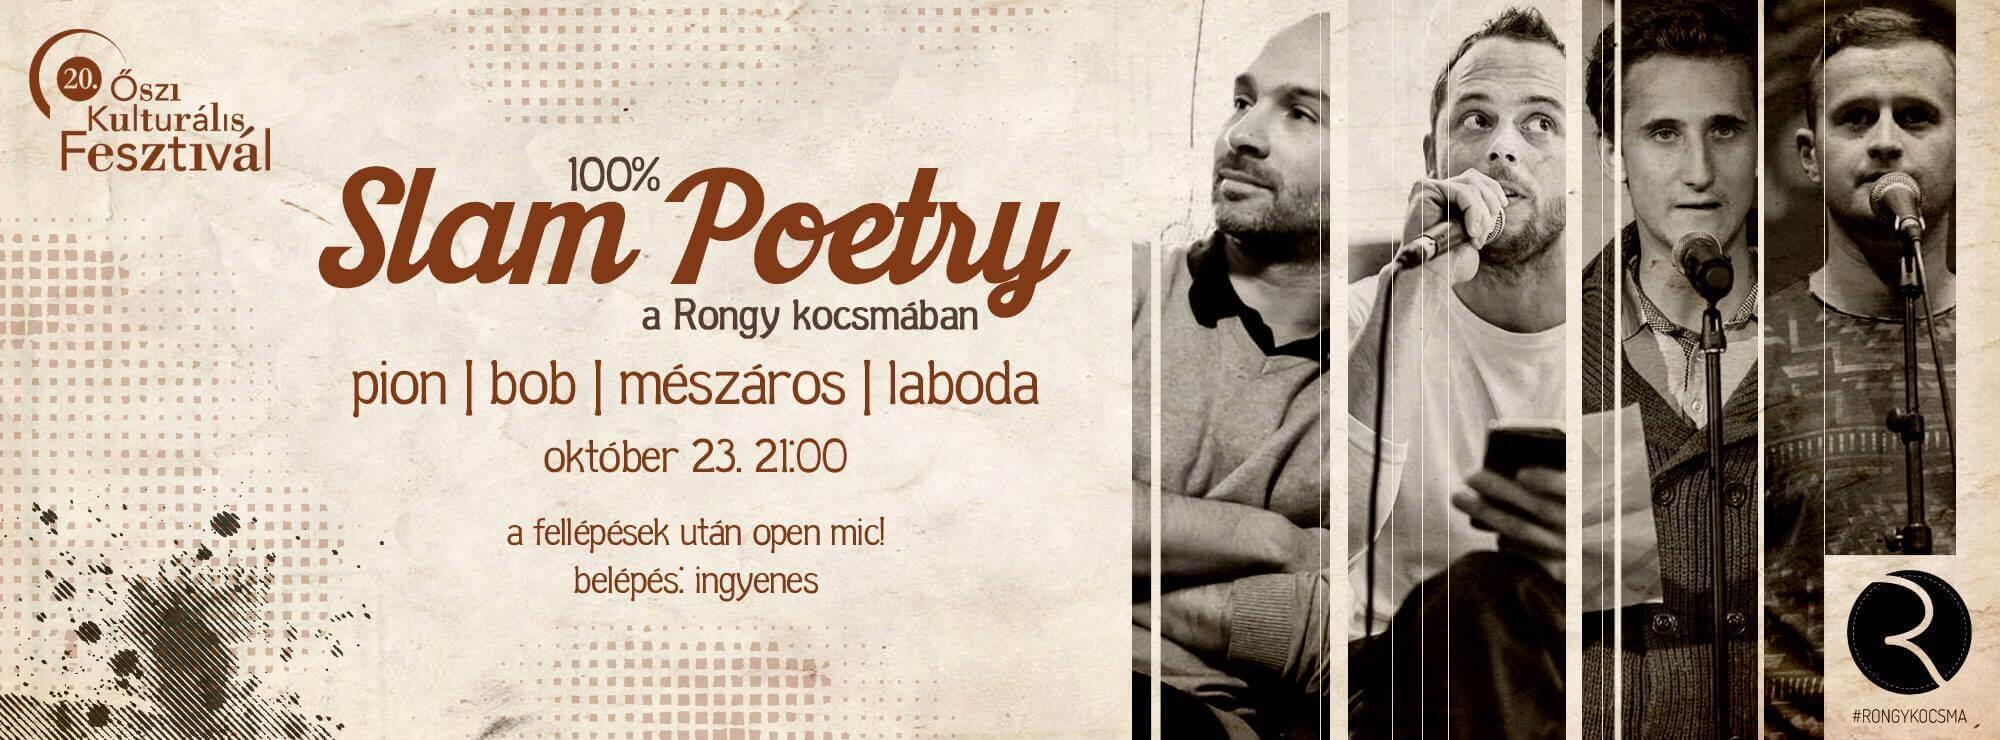 Slam Poetry Szeged @RONGY w/PION BOB MÉSZÁROS LABODA